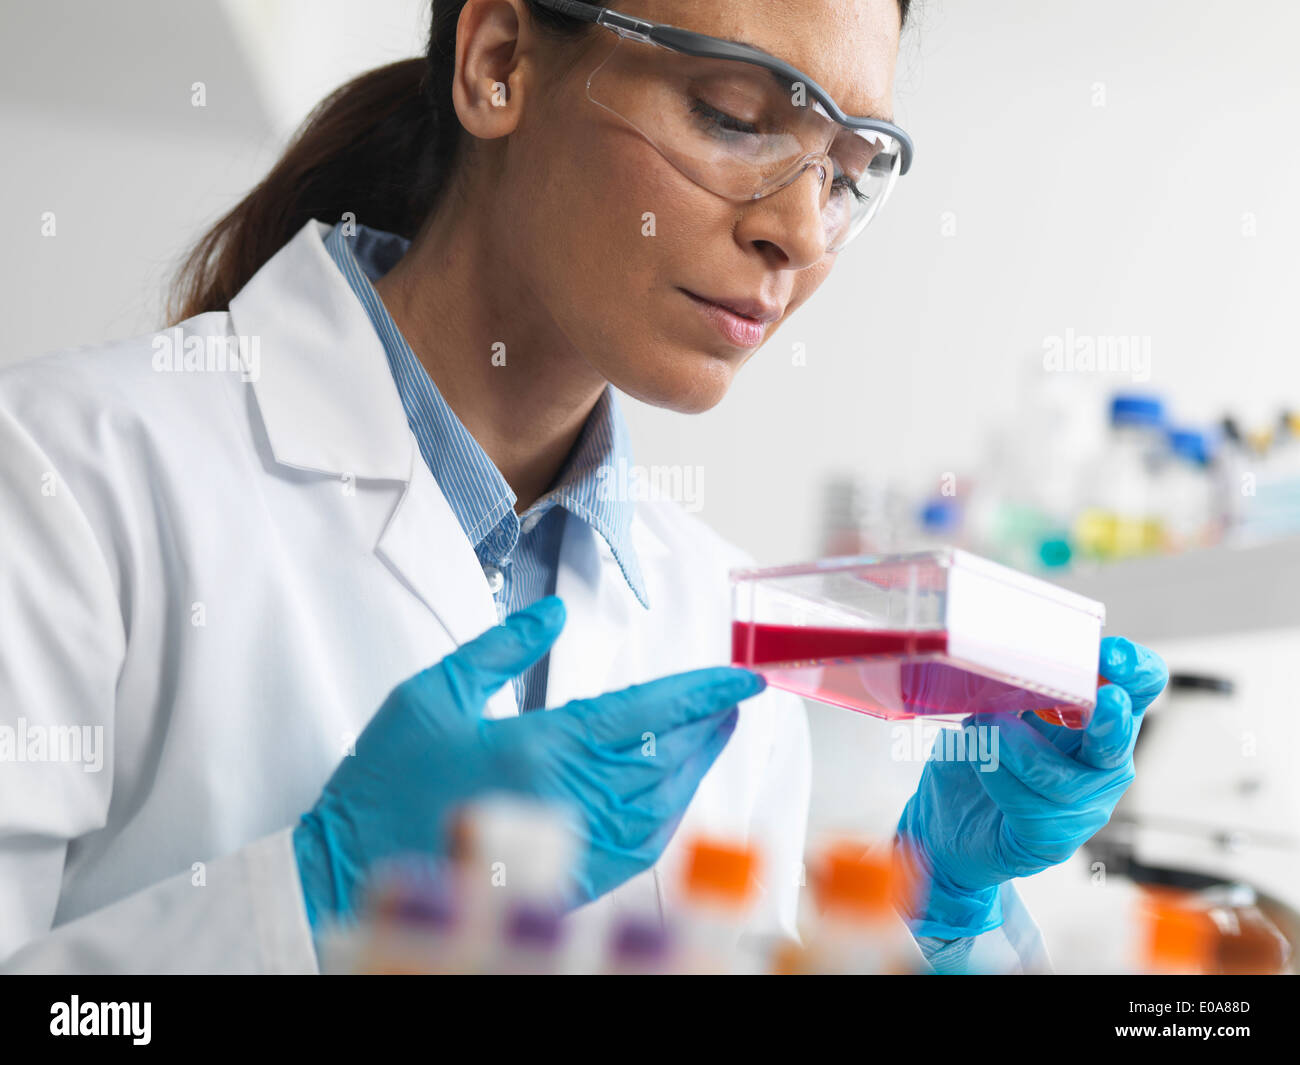 El biólogo celular sosteniendo un matraz conteniendo células madre, cultivadas en rojo el medio de crecimiento, para investigar las enfermedades Imagen De Stock